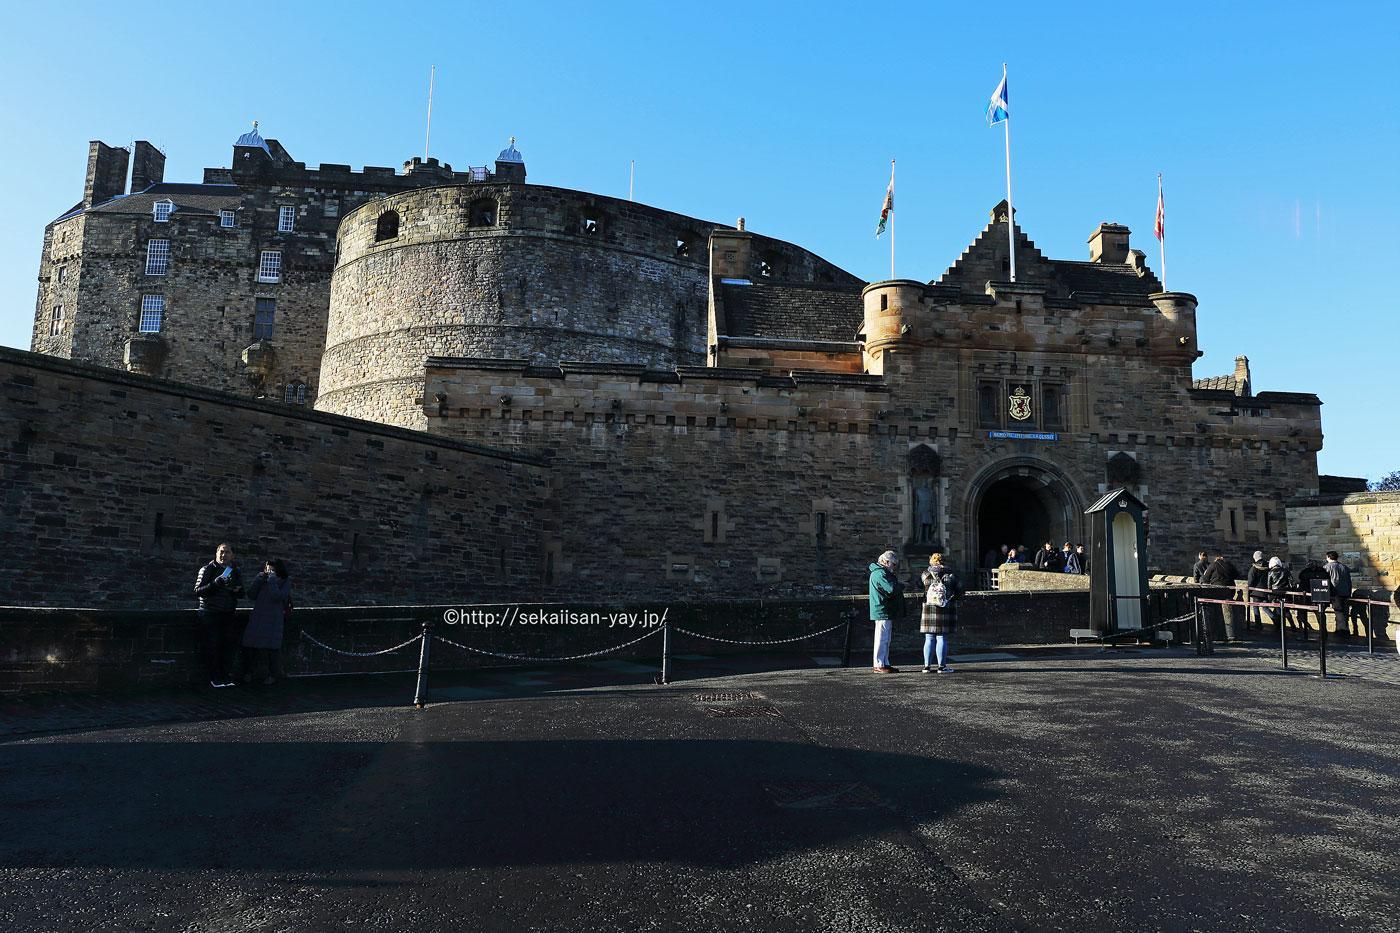 イギリスの世界遺産「エディンバラの旧市街と新市街」